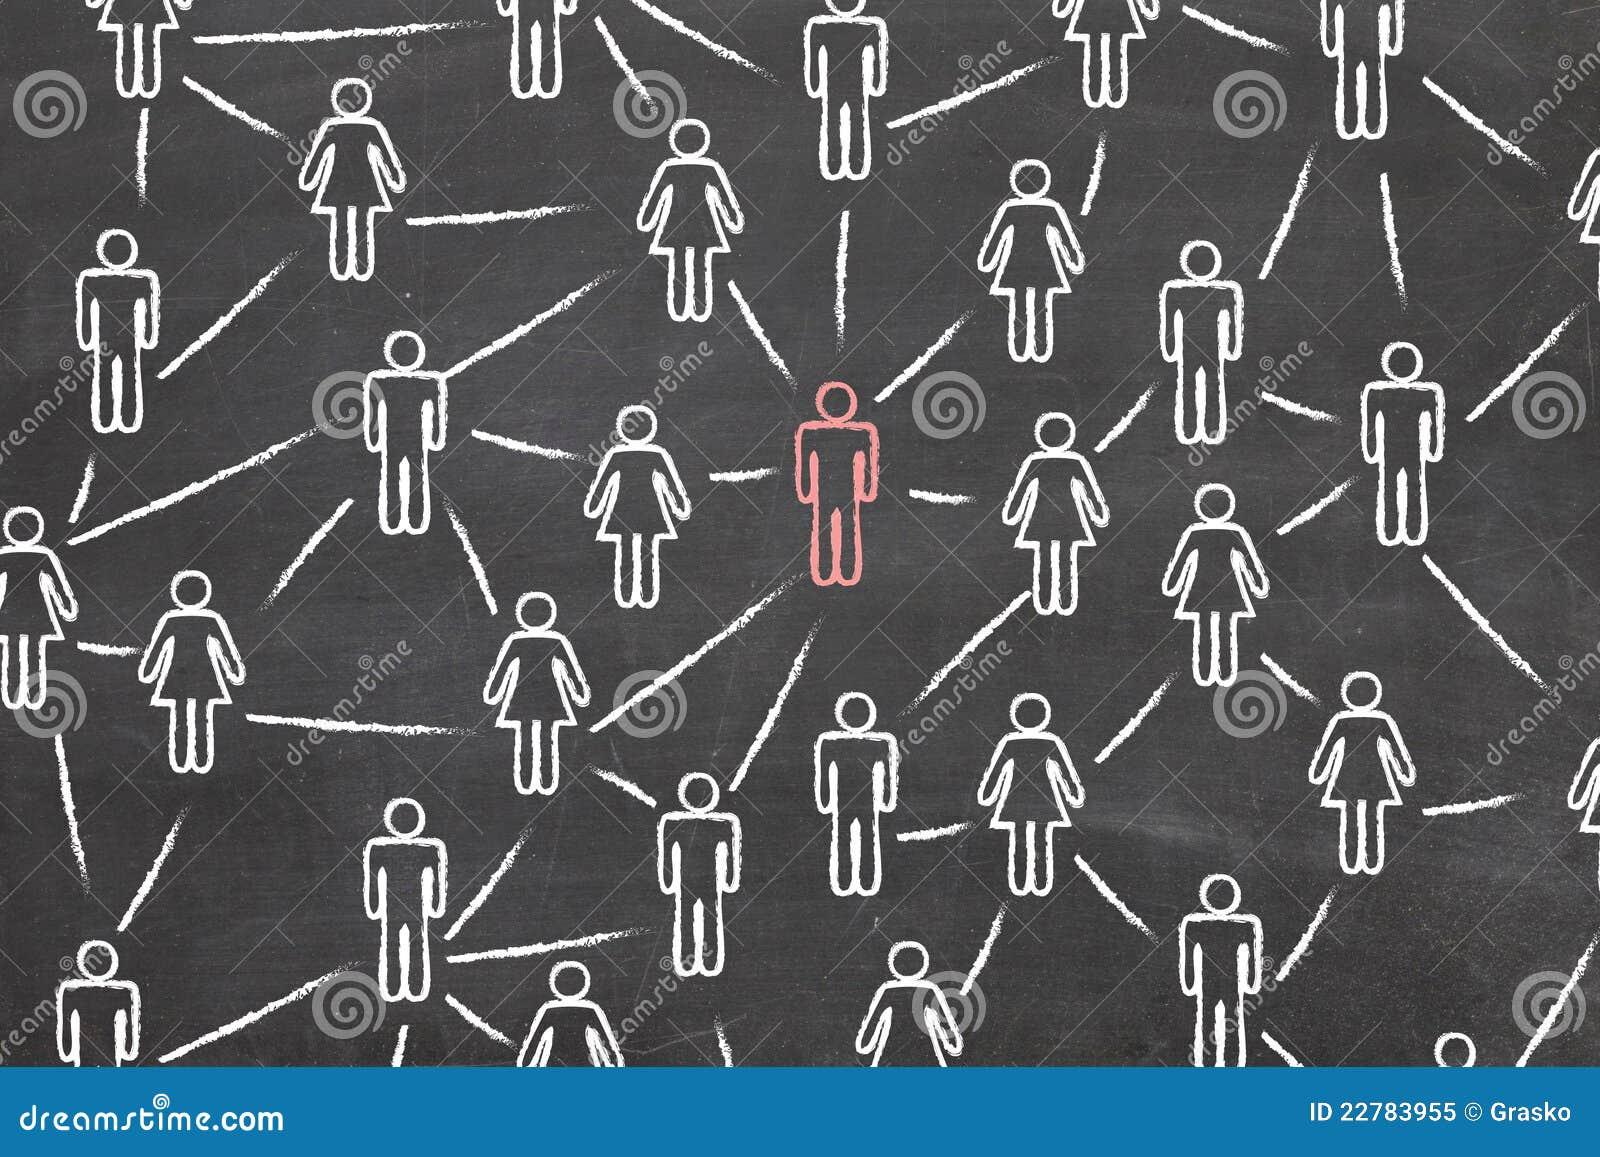 Sociaal media netwerk